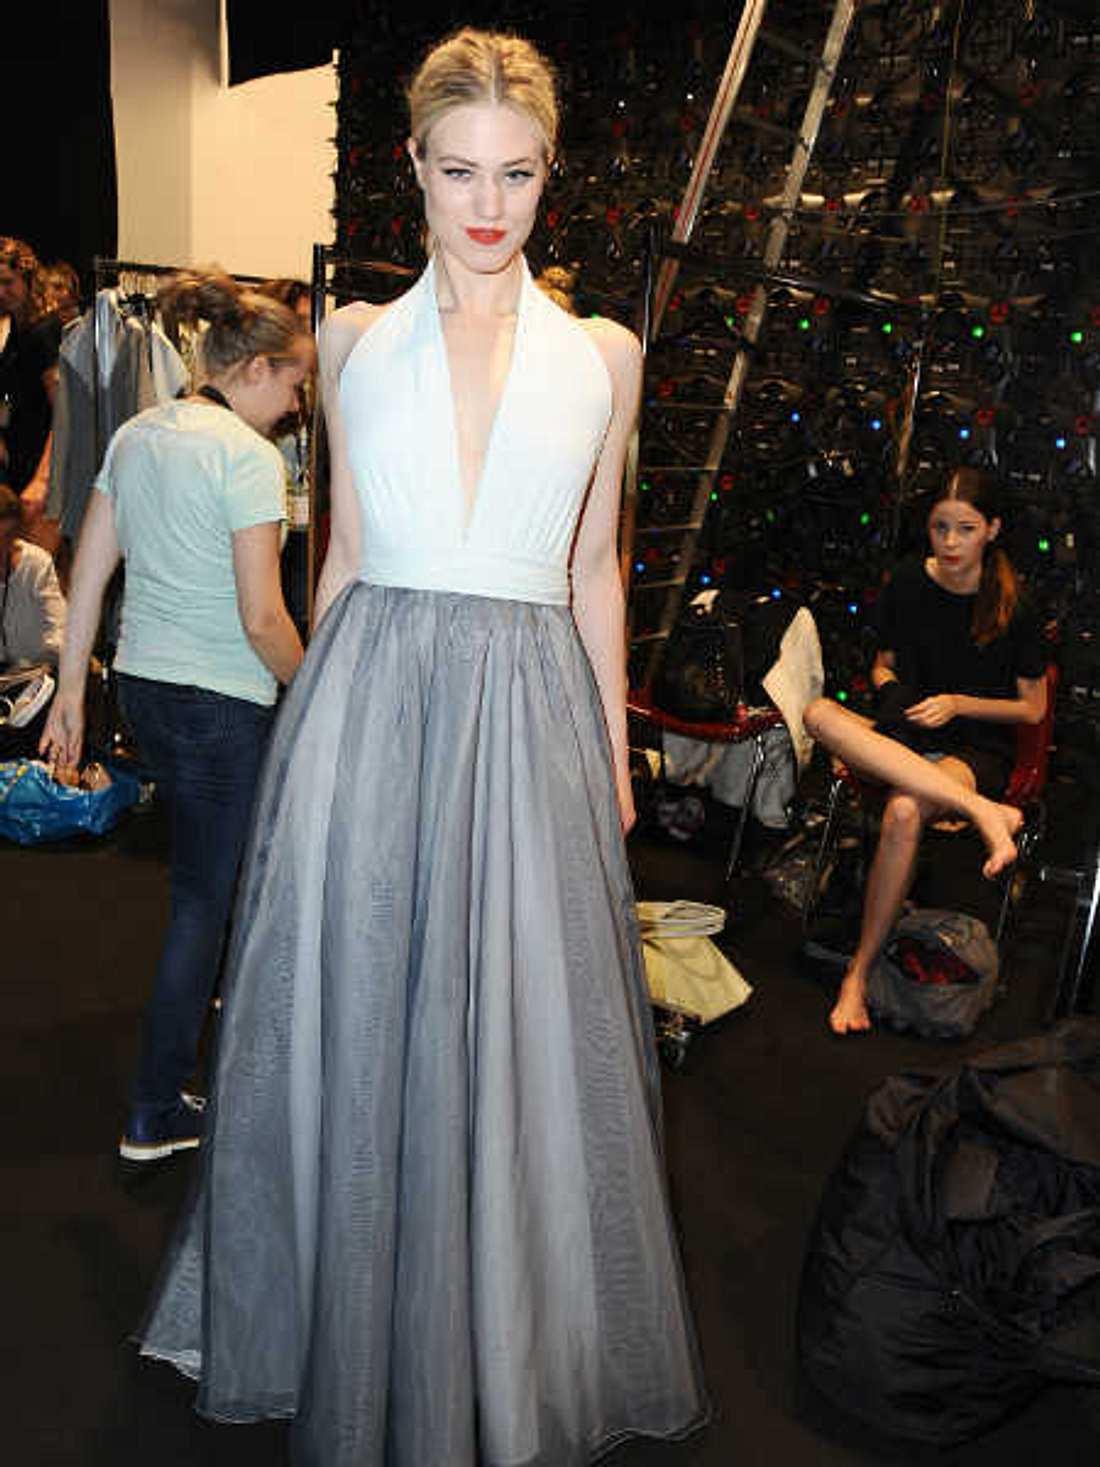 Larissa Marolt modelt bei der Fashion Week.